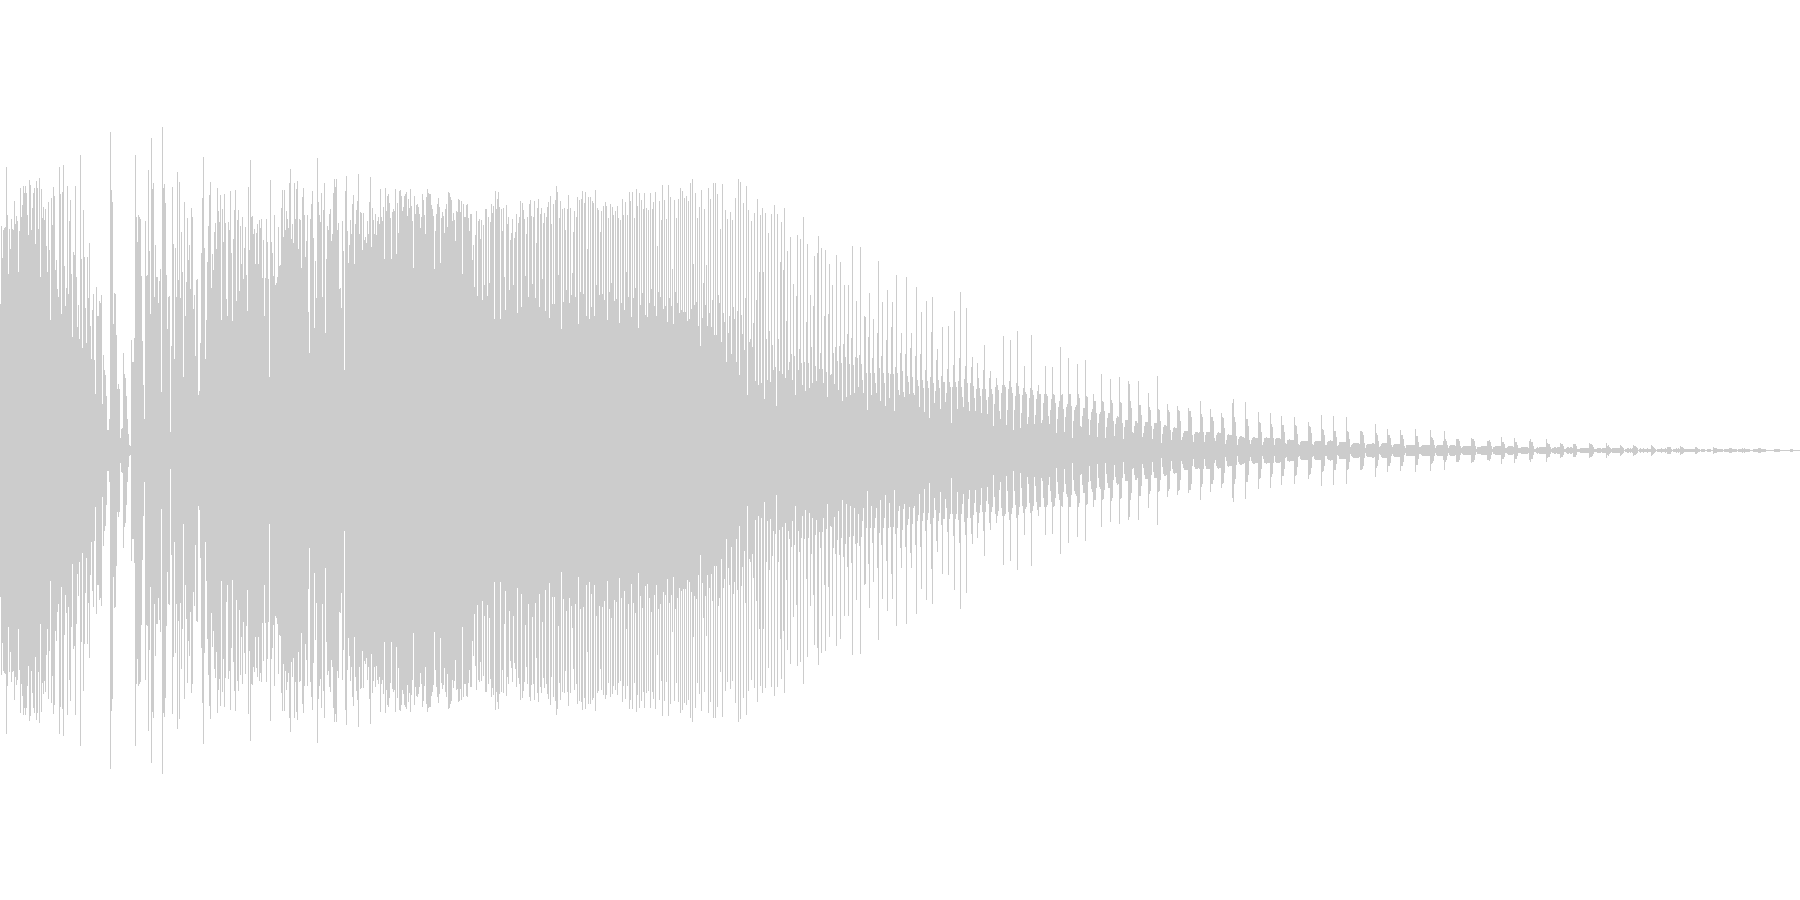 ズビシューン(ビームライフル風の射撃音)の未再生の波形